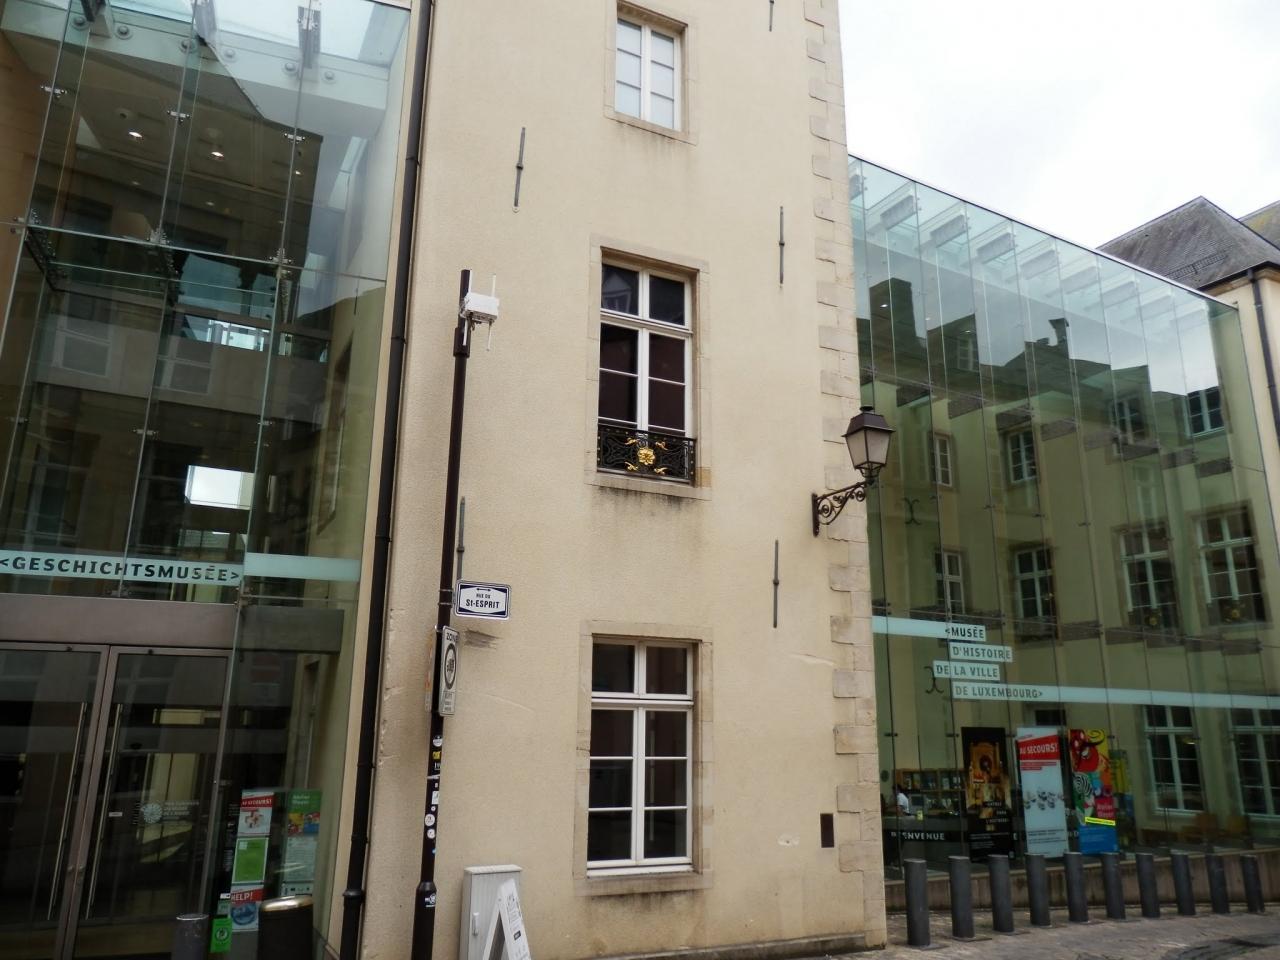 ルクセンブルク市の画像 p1_13